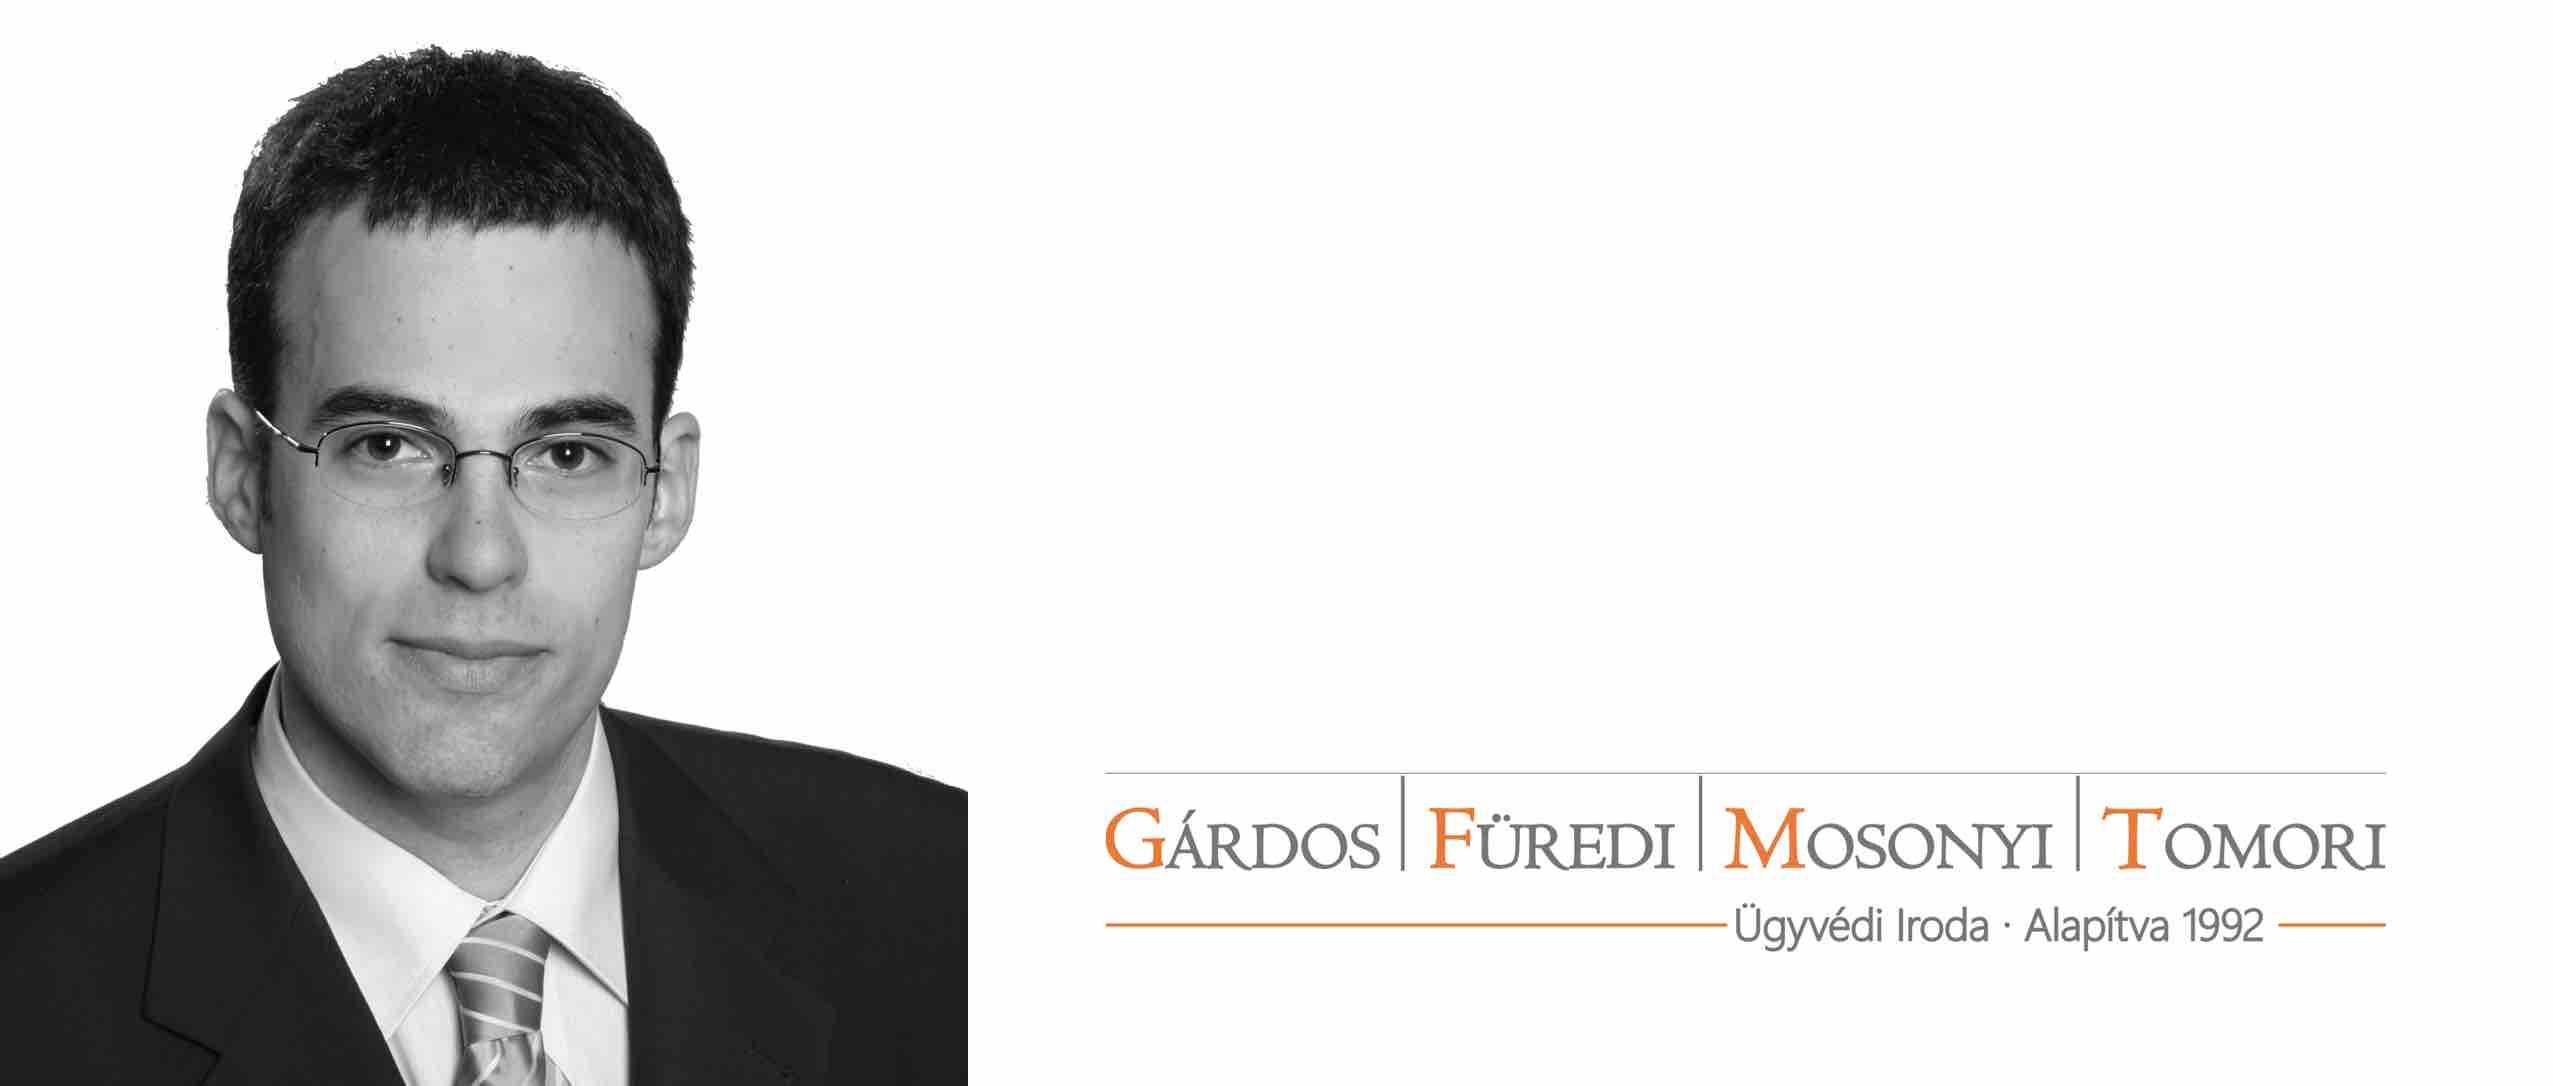 Gardos Peter Lezarult az Europai Bizottsag fintechrol folytatott konzultacioja